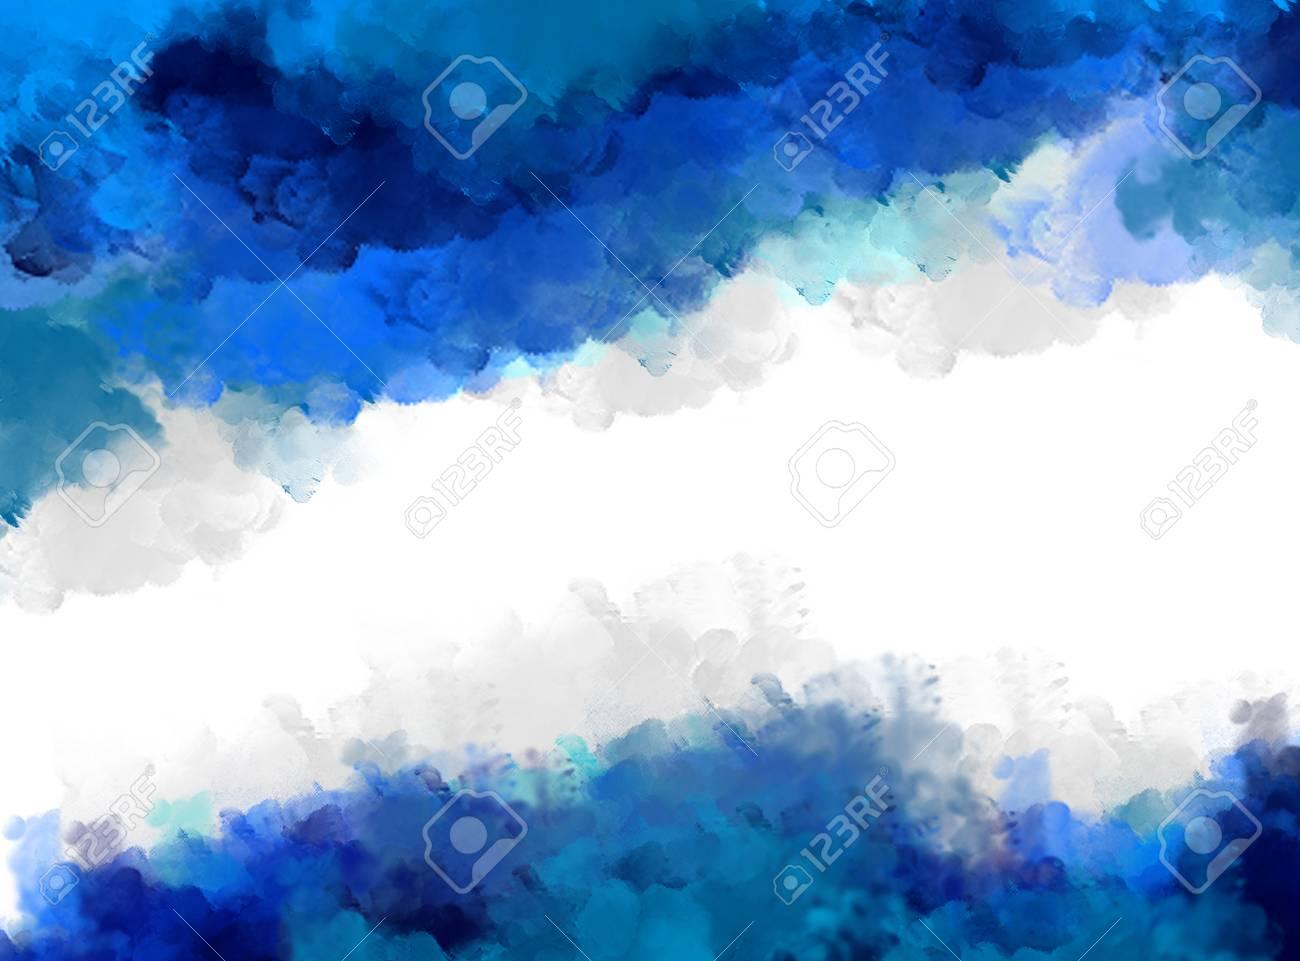 水彩インク スプラッシュ ブルーの背景 テンプレート デザイン グラフィック 壁紙 空白 グランジ 装飾 汚れ 背景 の写真素材 画像素材 Image